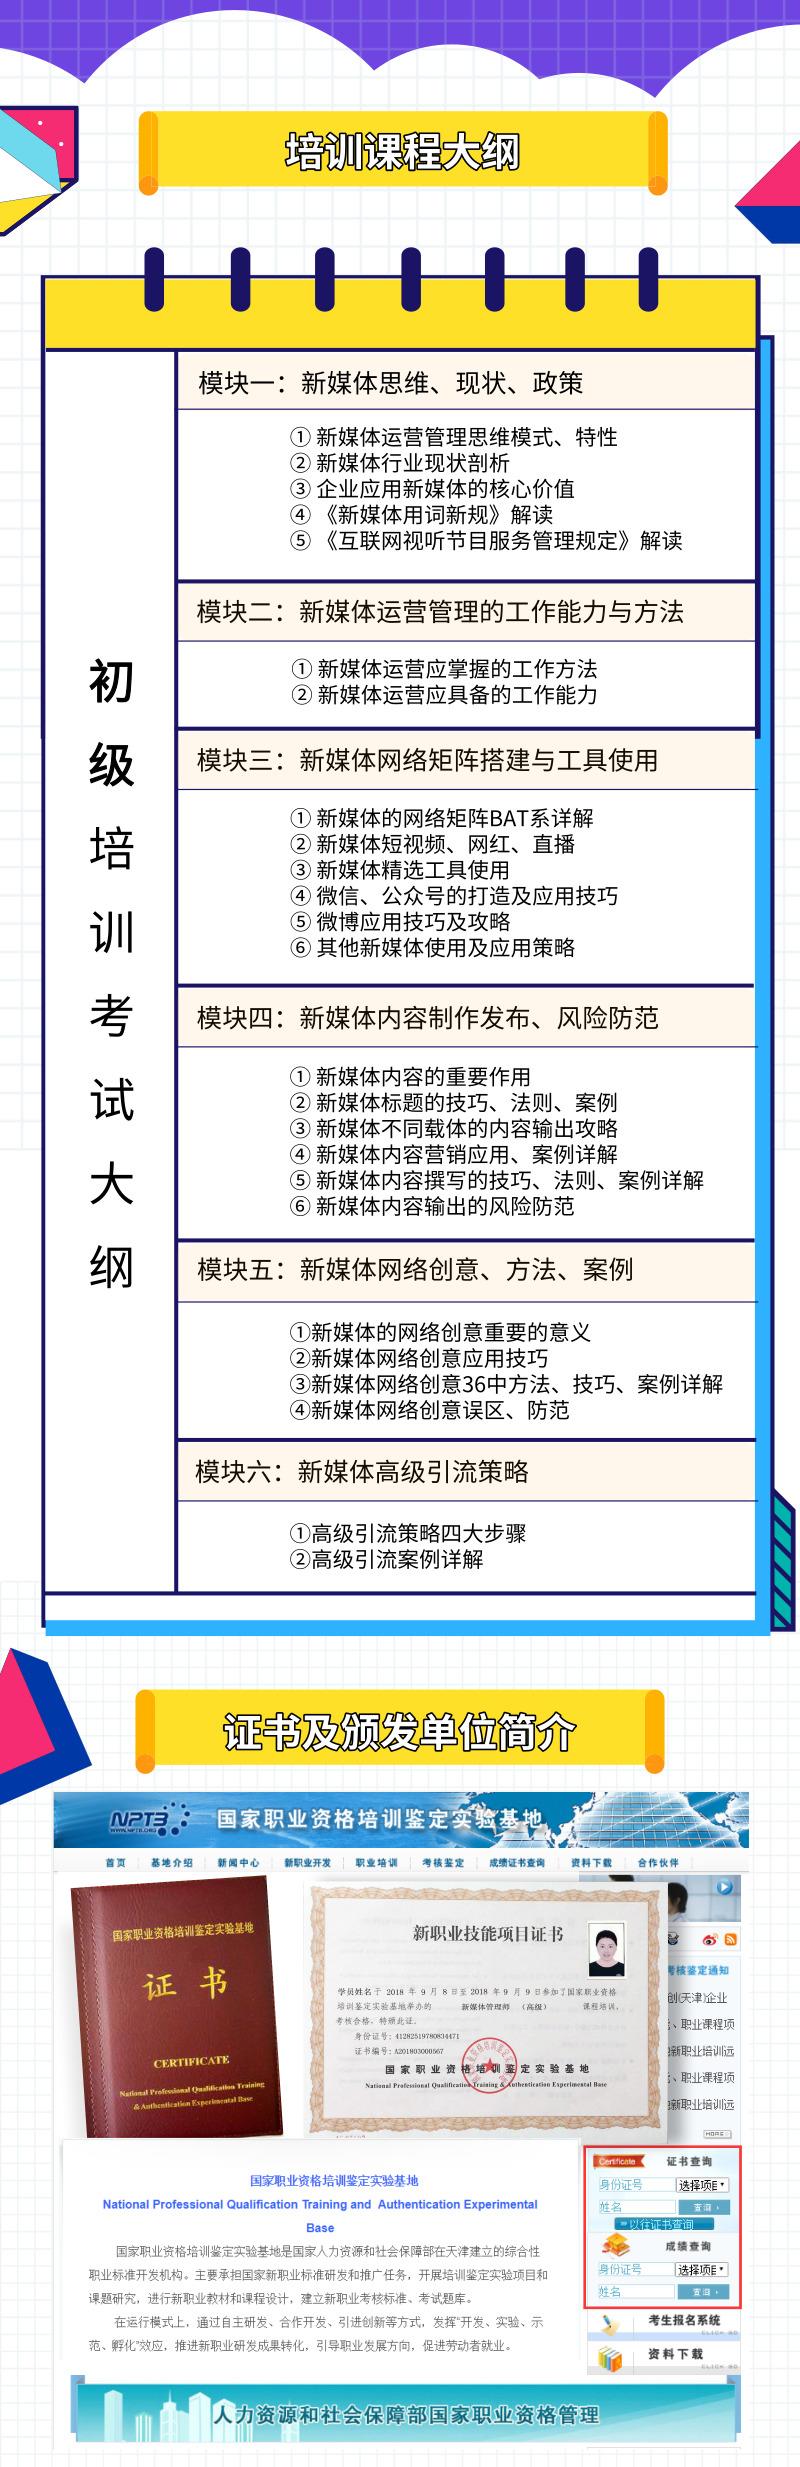 2019全国(初级、中级、高级)新媒体管理师培训考试(9月北京班)